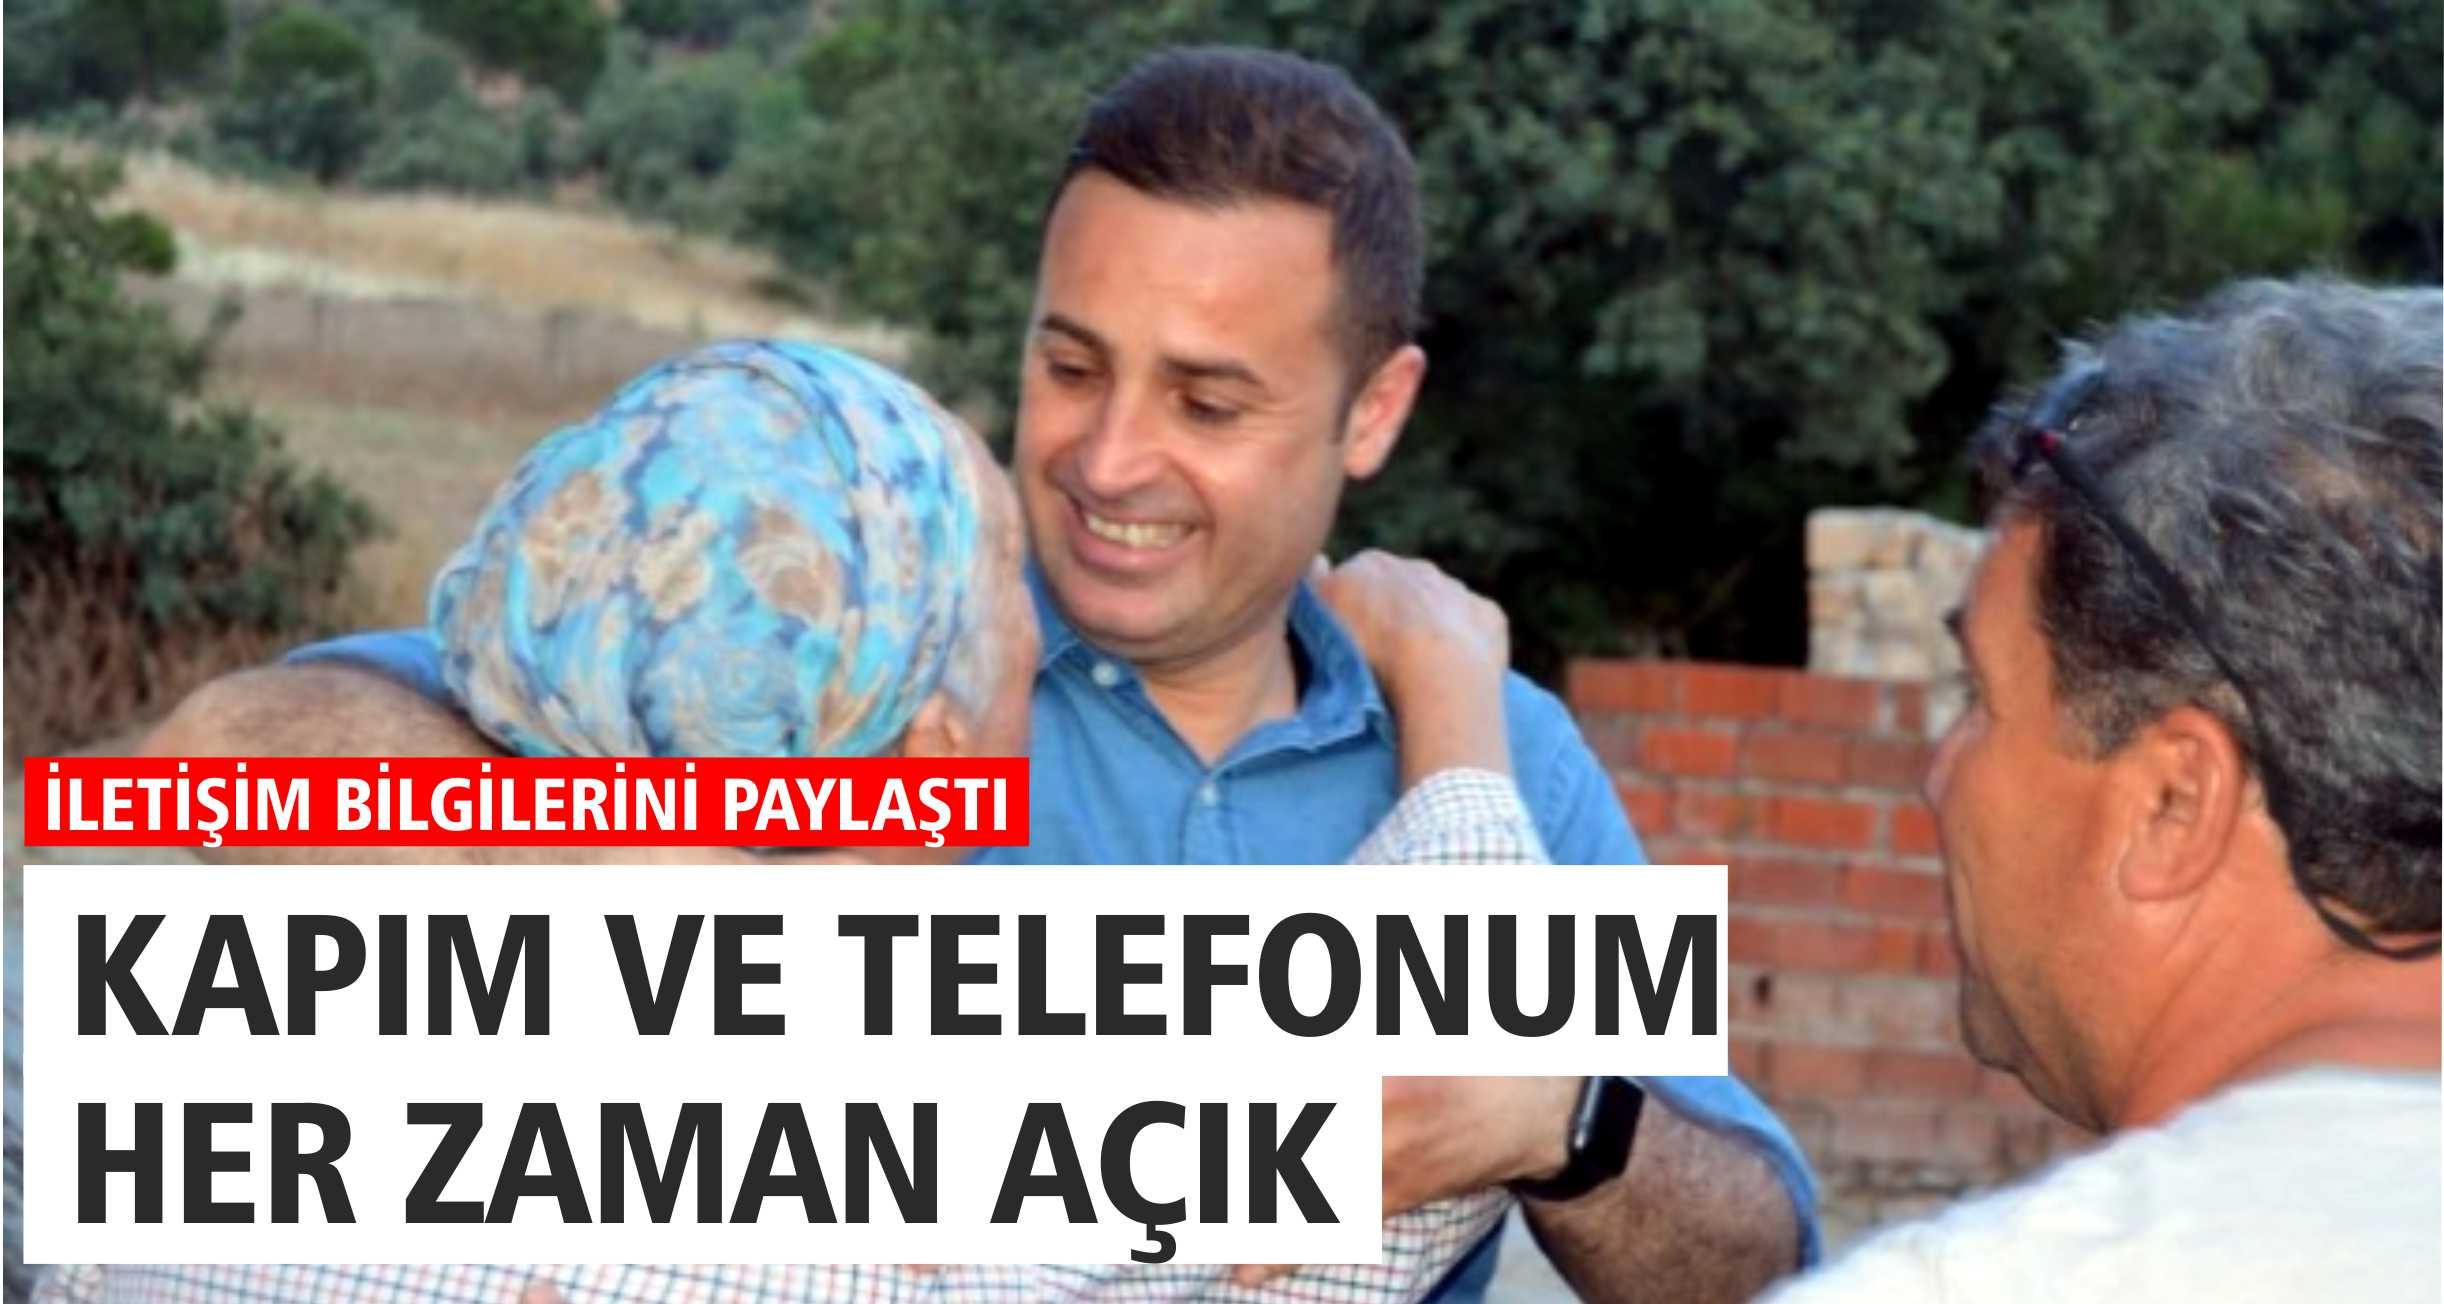 AHMET AKIN'A HER KANALDAN ULAŞABİLİRSİNİZ